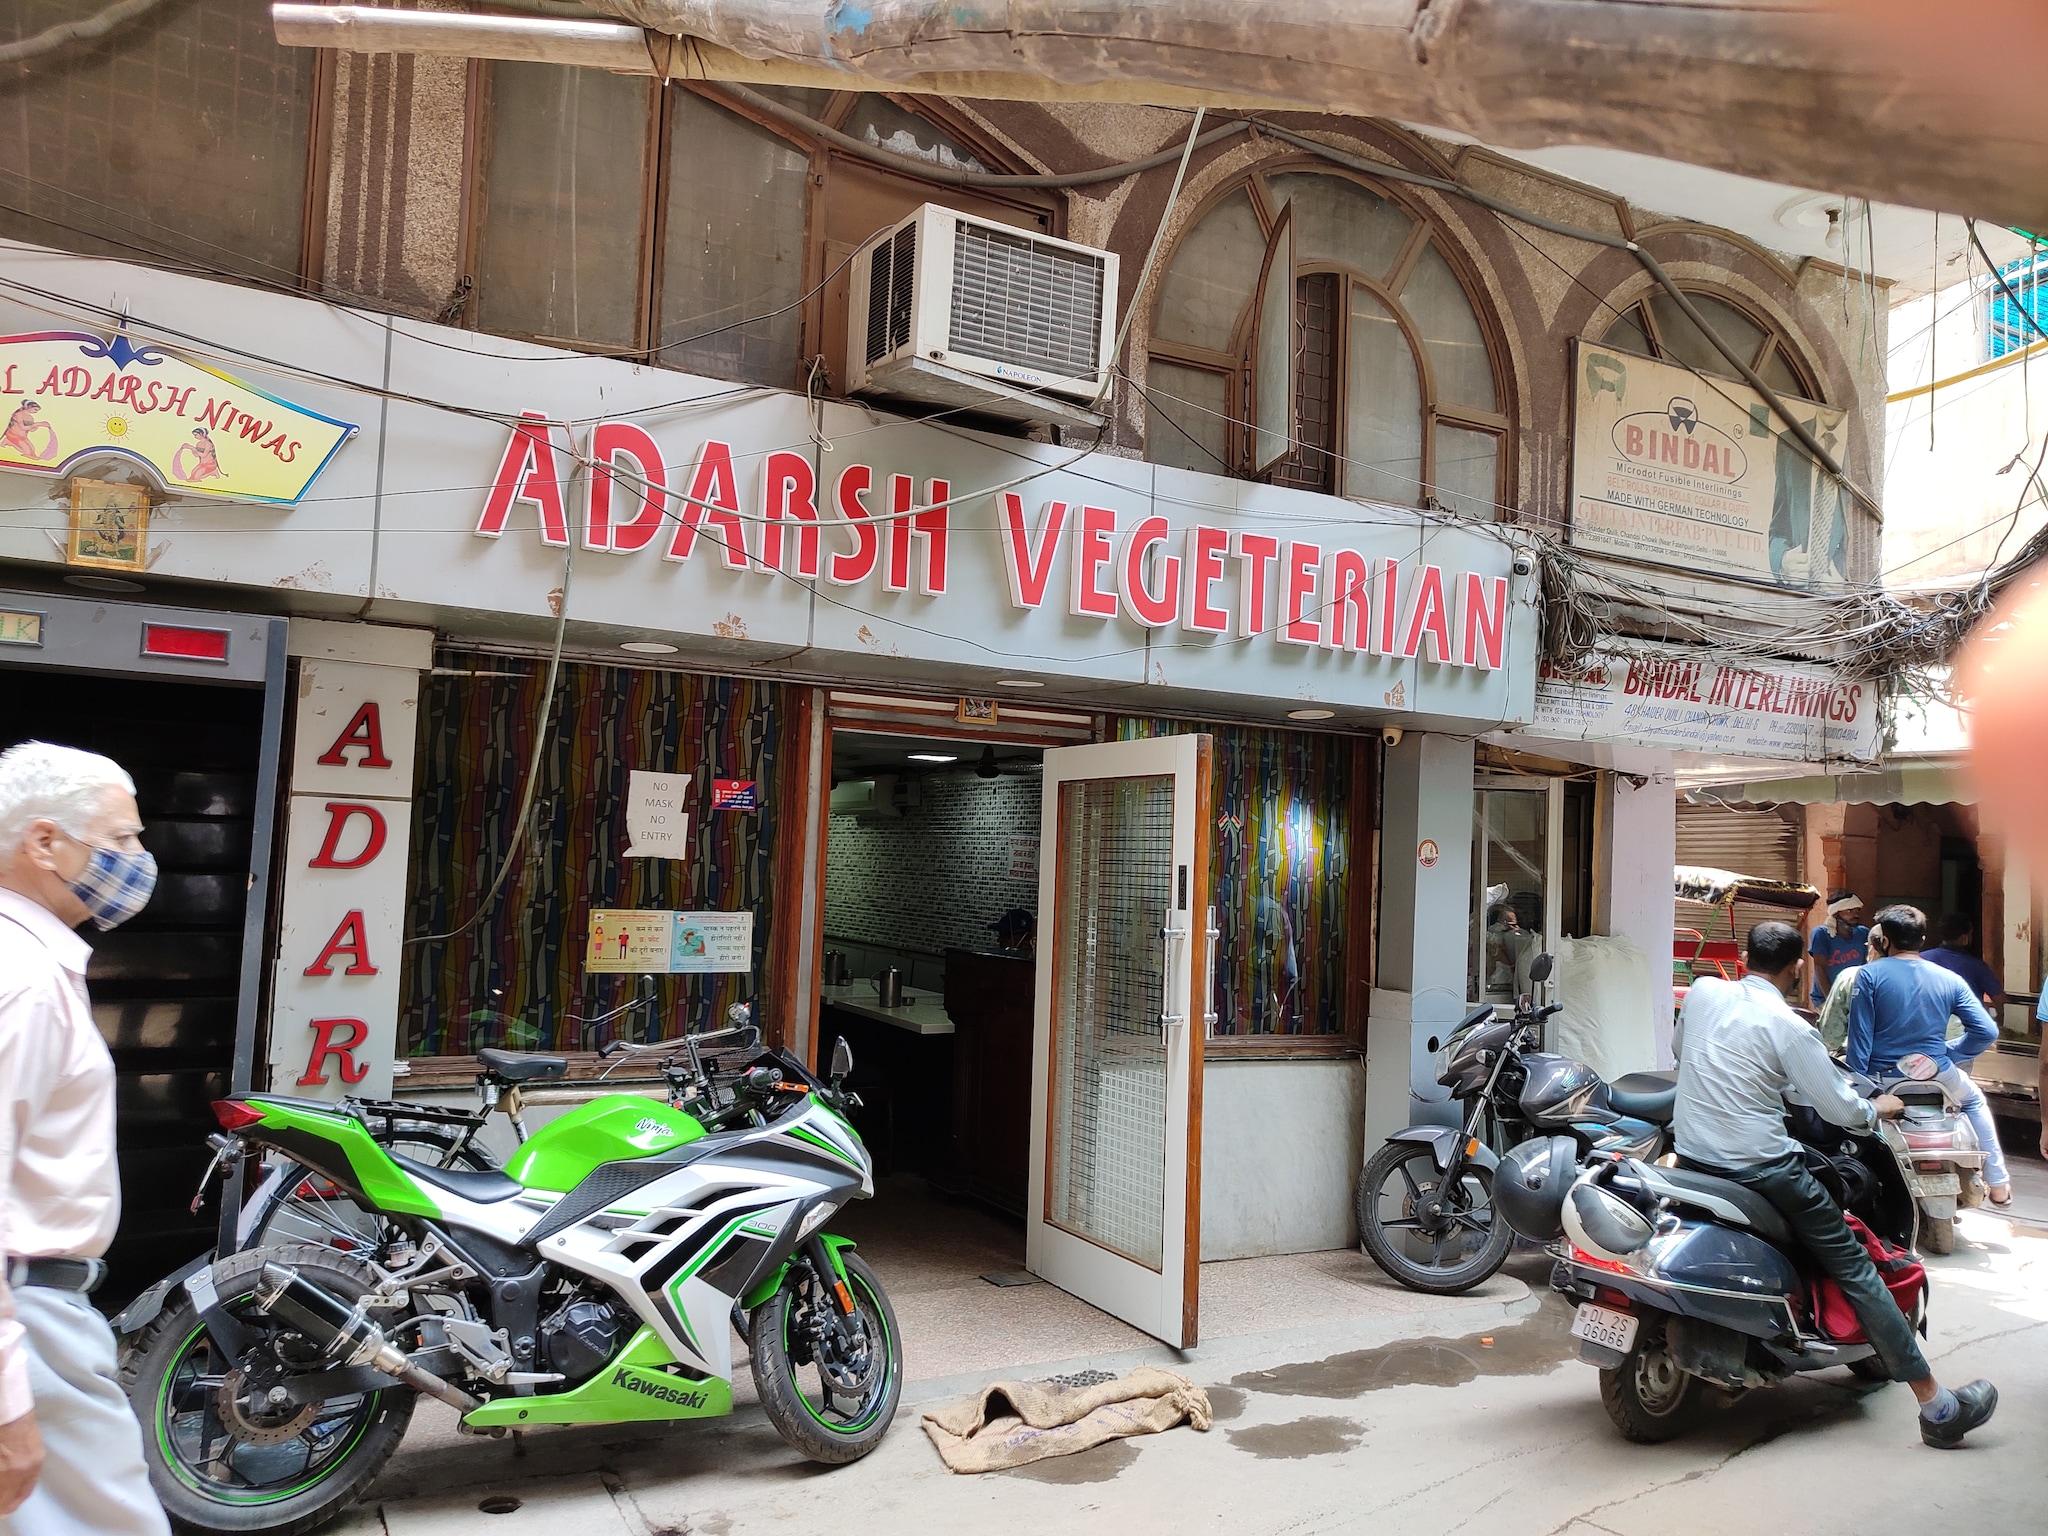 भोजनालय शुरू किया गया था तो उस वक्त थाली का दाम 13 रुपये था